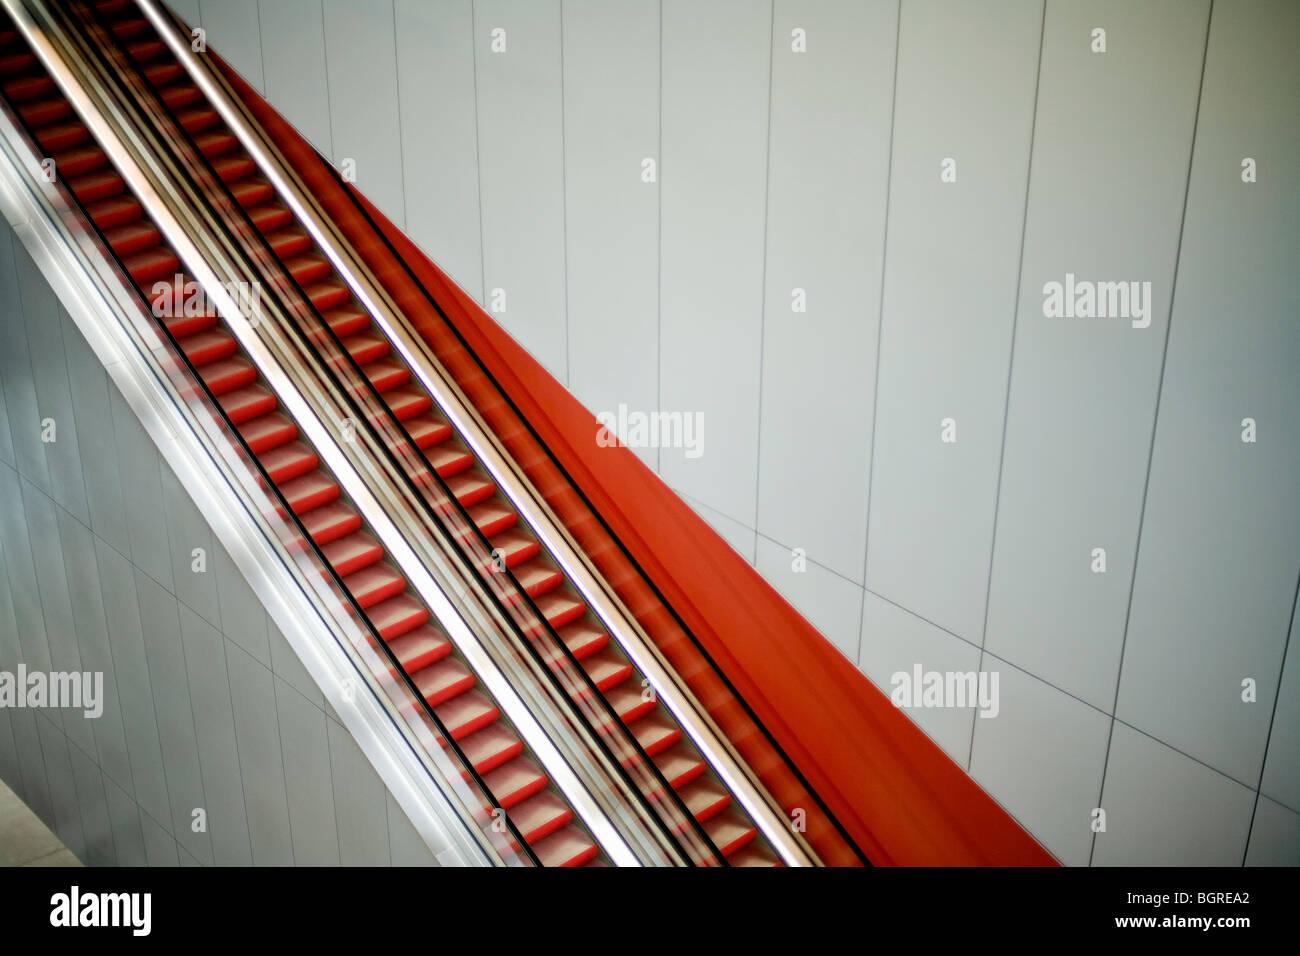 Escalera mecánica, Suecia. Imagen De Stock